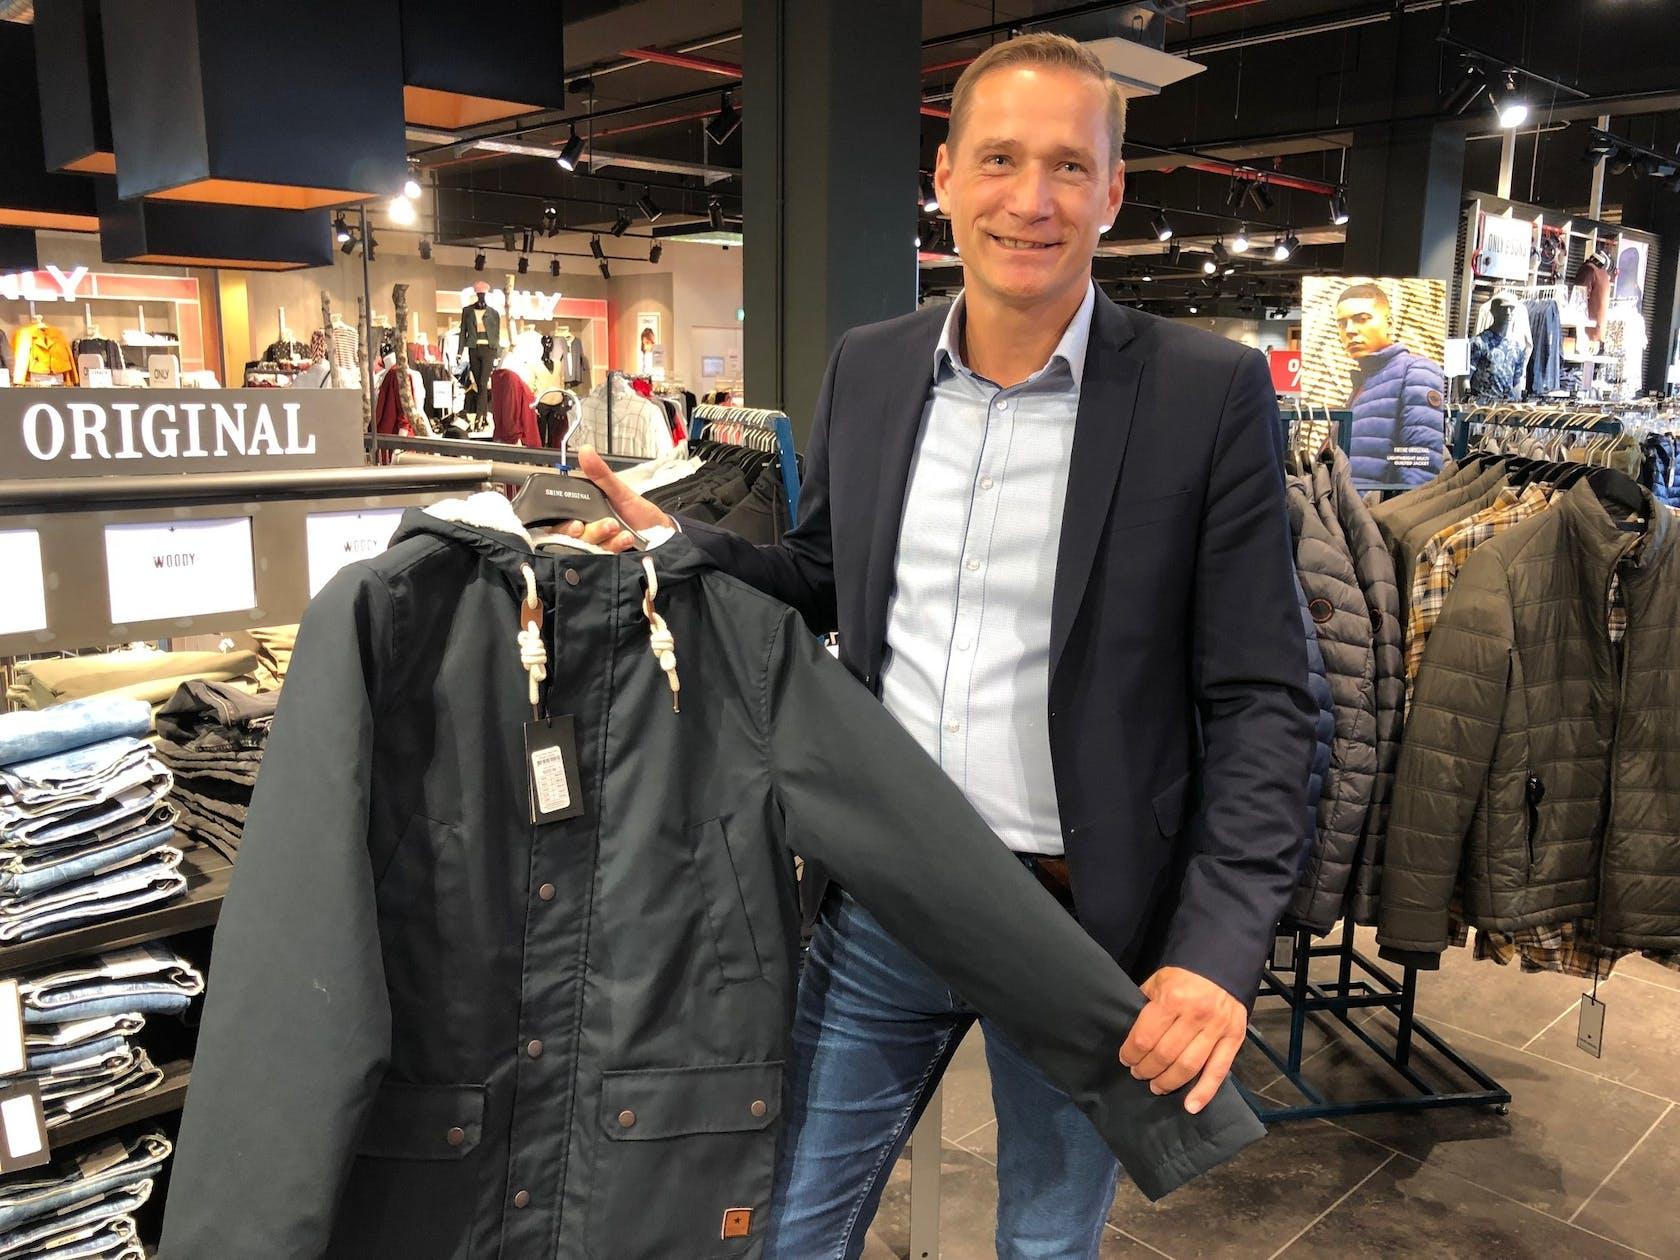 Mann steht vor Kleiderständer mit Jacken und hält eine dunkelblaue Winterjacke in der Hand